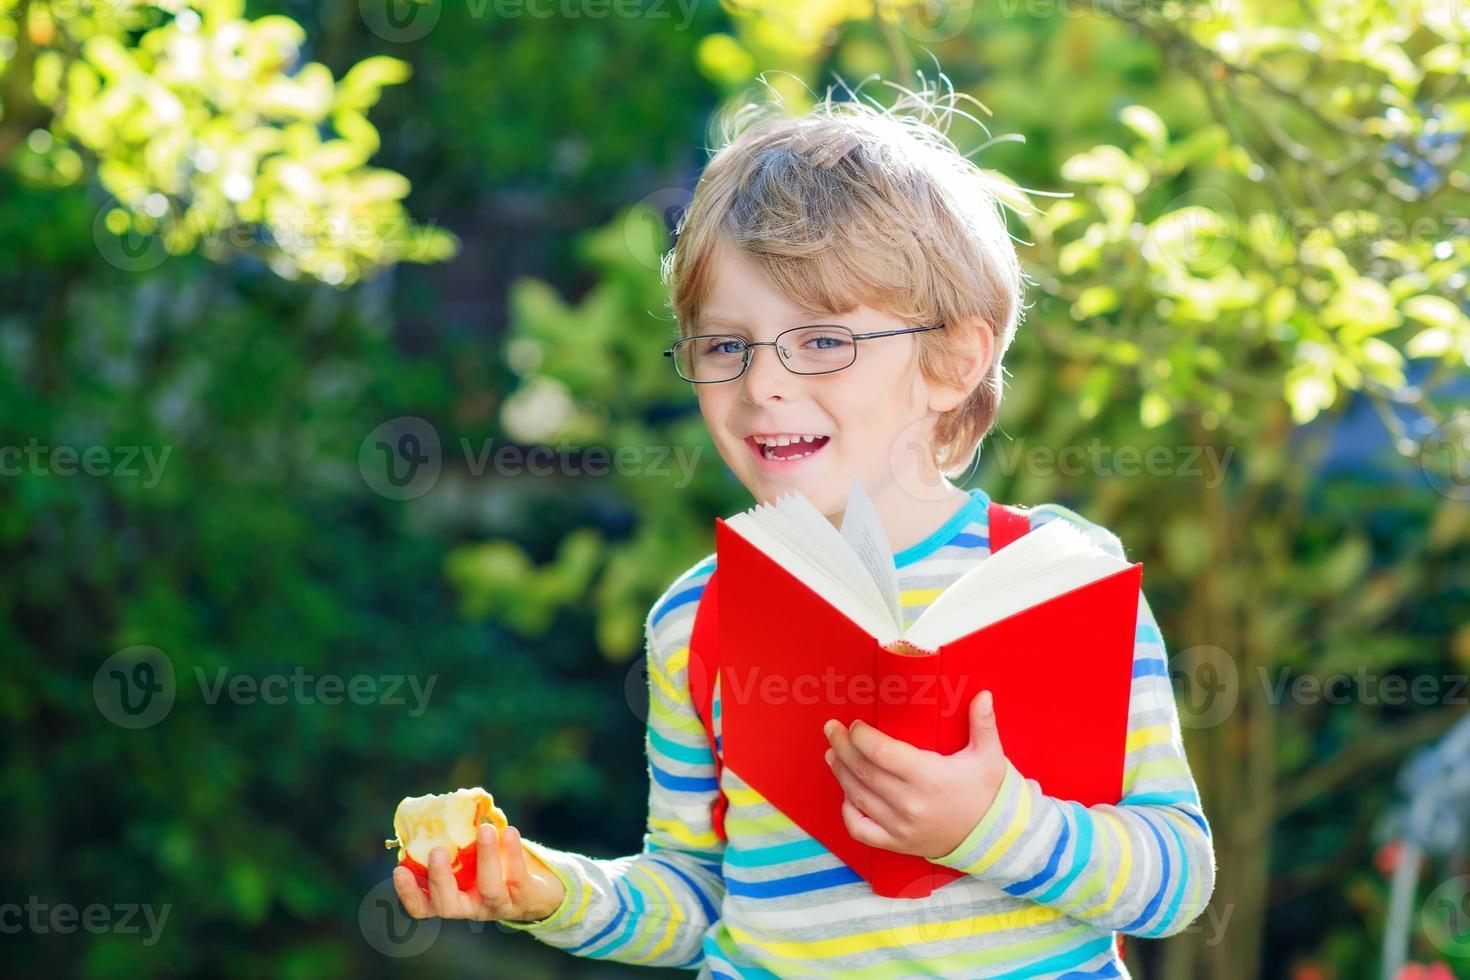 ragazzino con mela sulla strada per la scuola foto